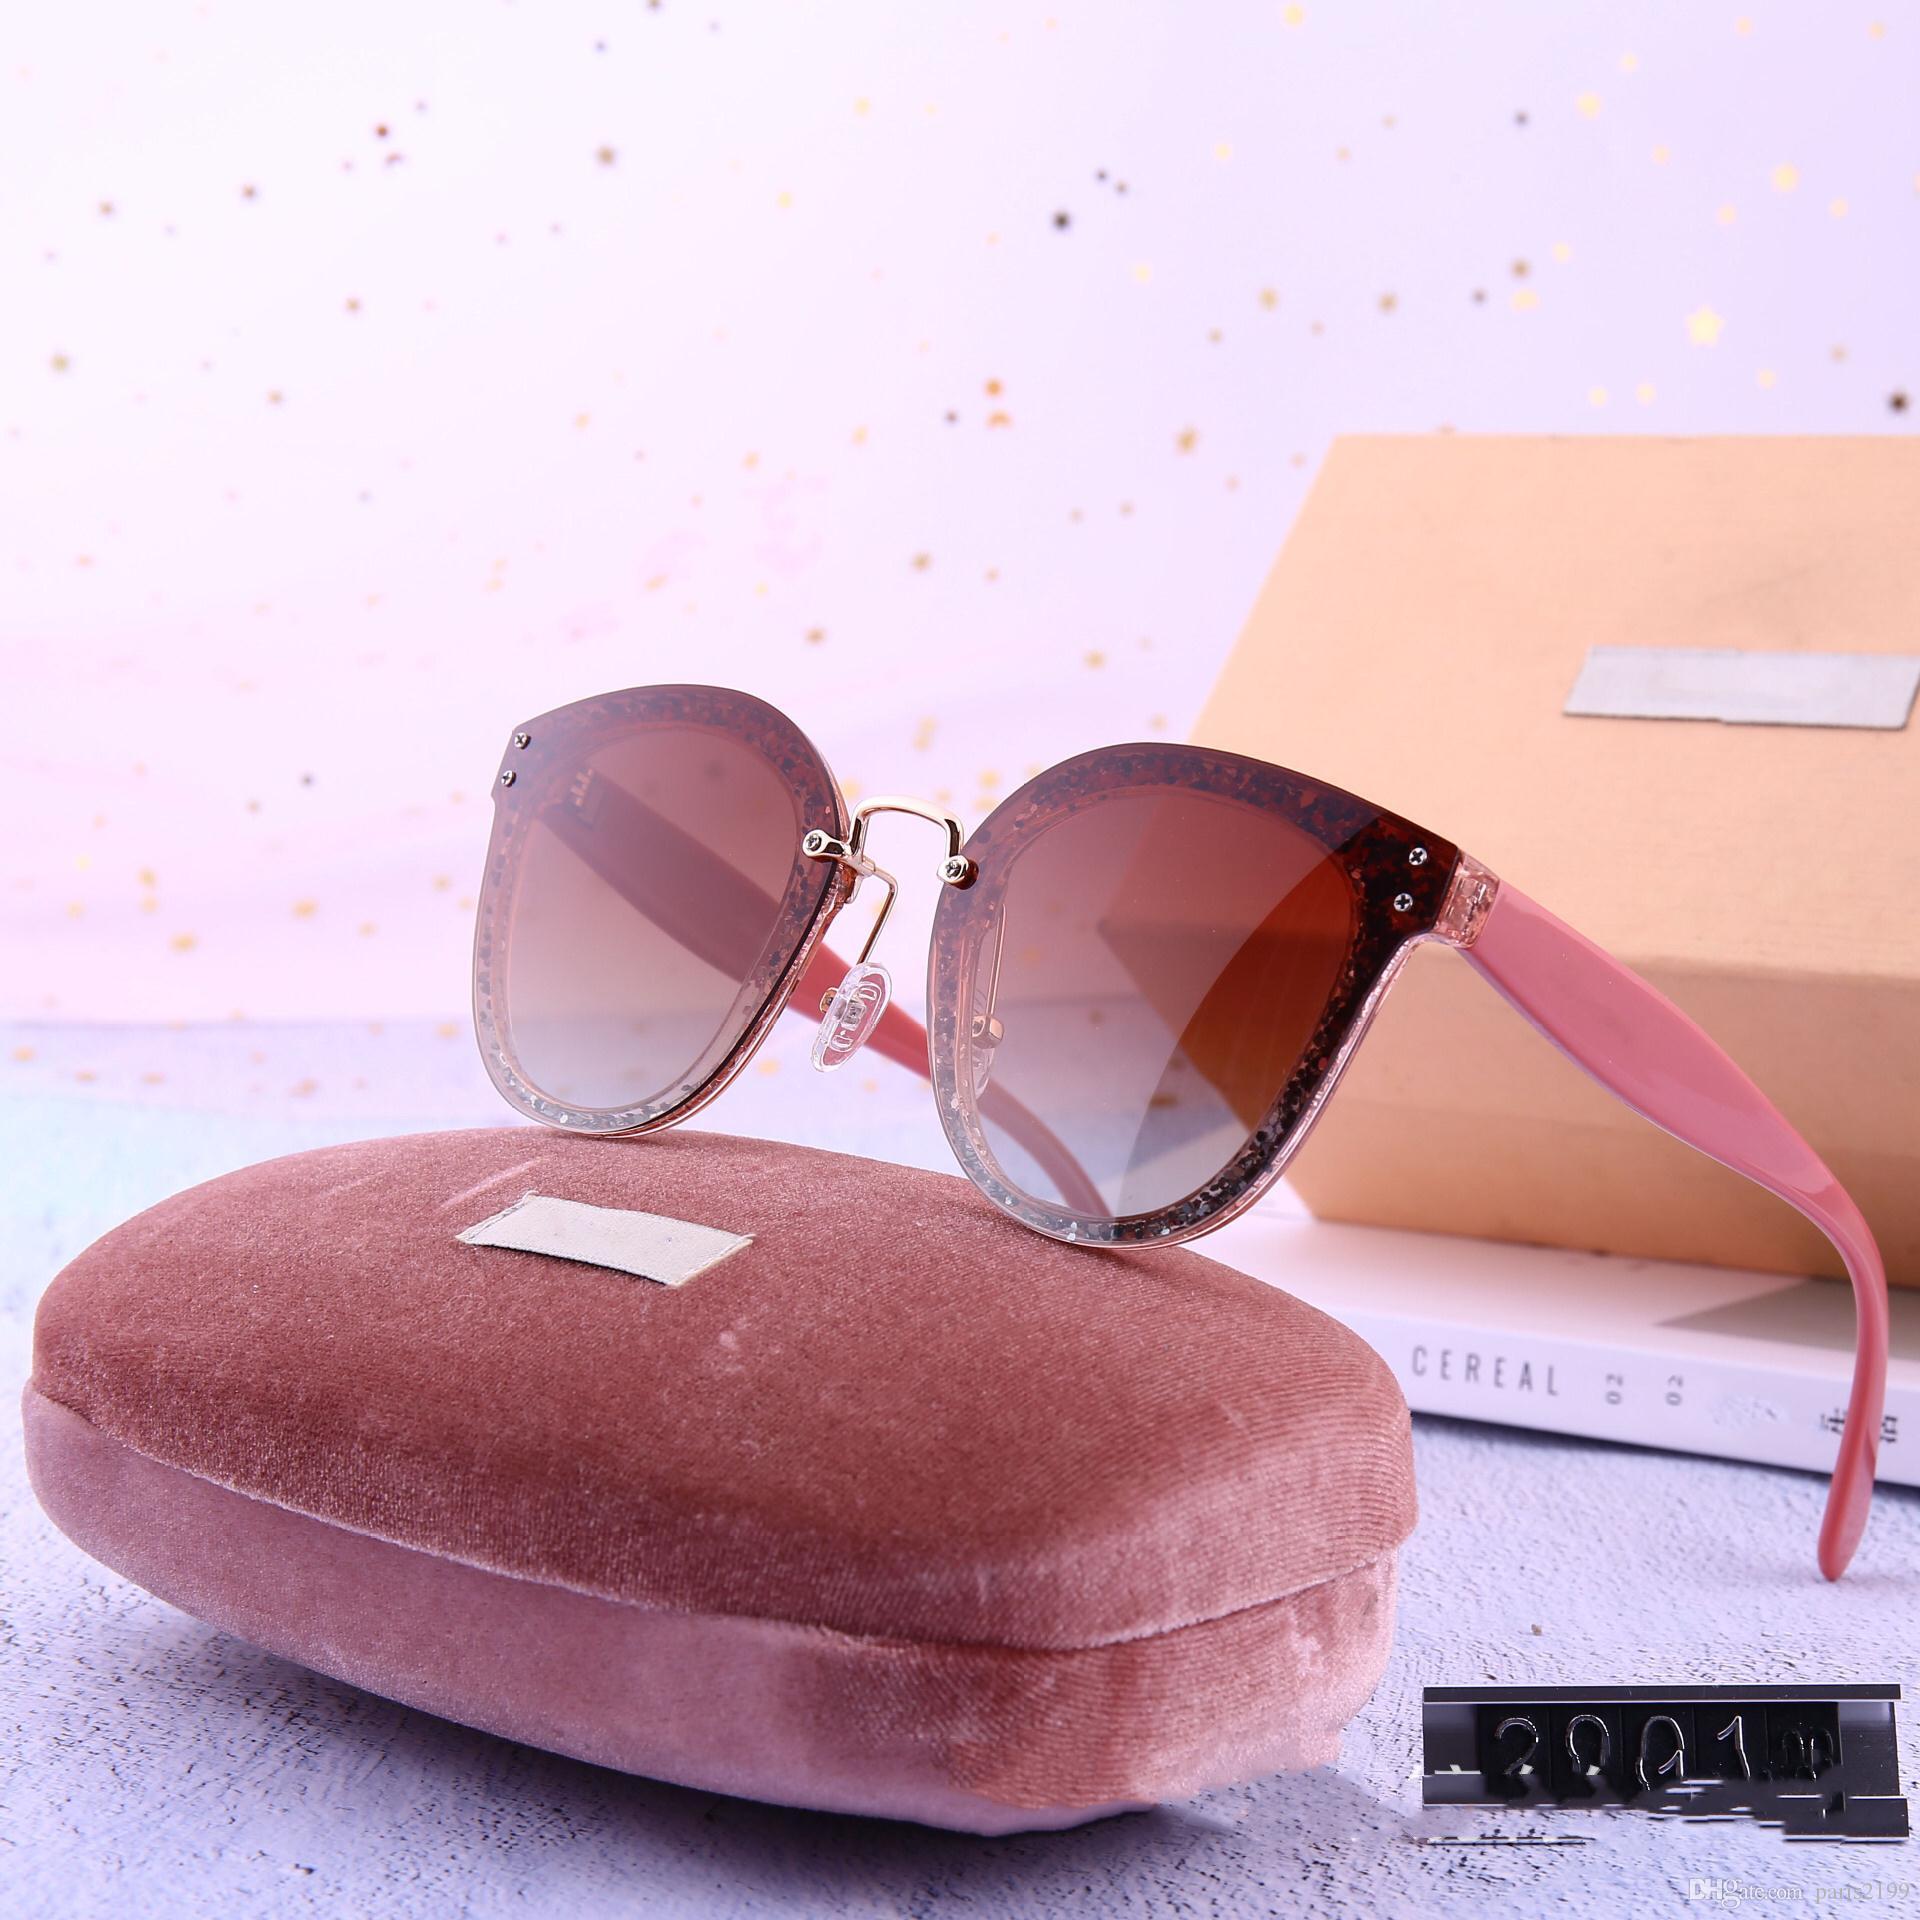 높은 품질의 패션 새로운 여름 여성 유리 UV400위한 선글라스 Adumbral 편광 전체 프레임 안경 선글라스 여자